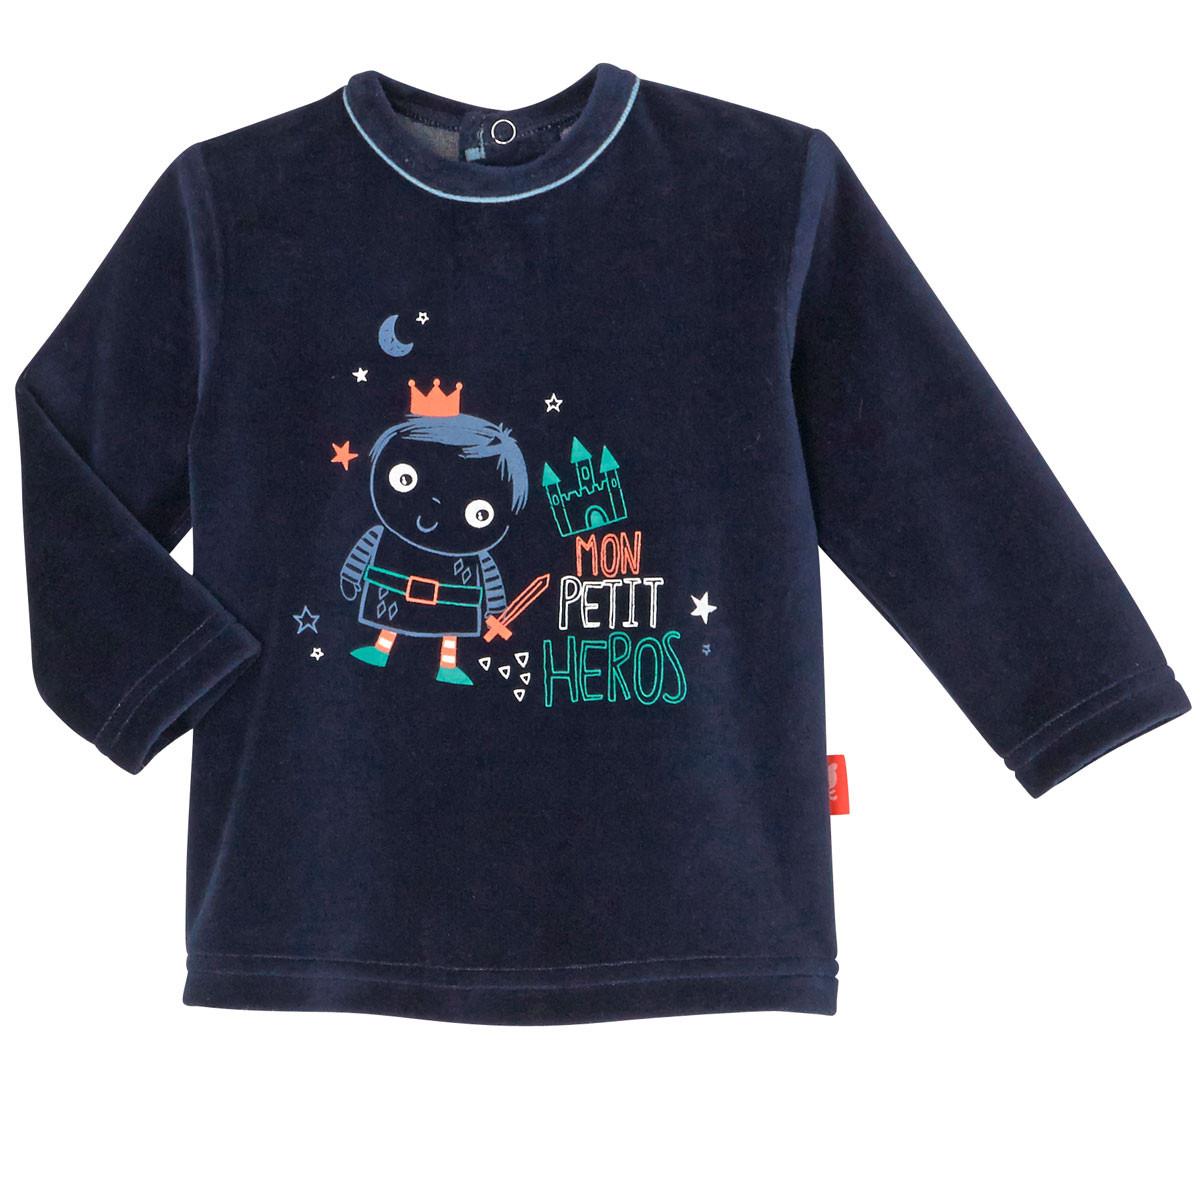 T-shirt en velours bleu marine bébé garçon Petit Héros